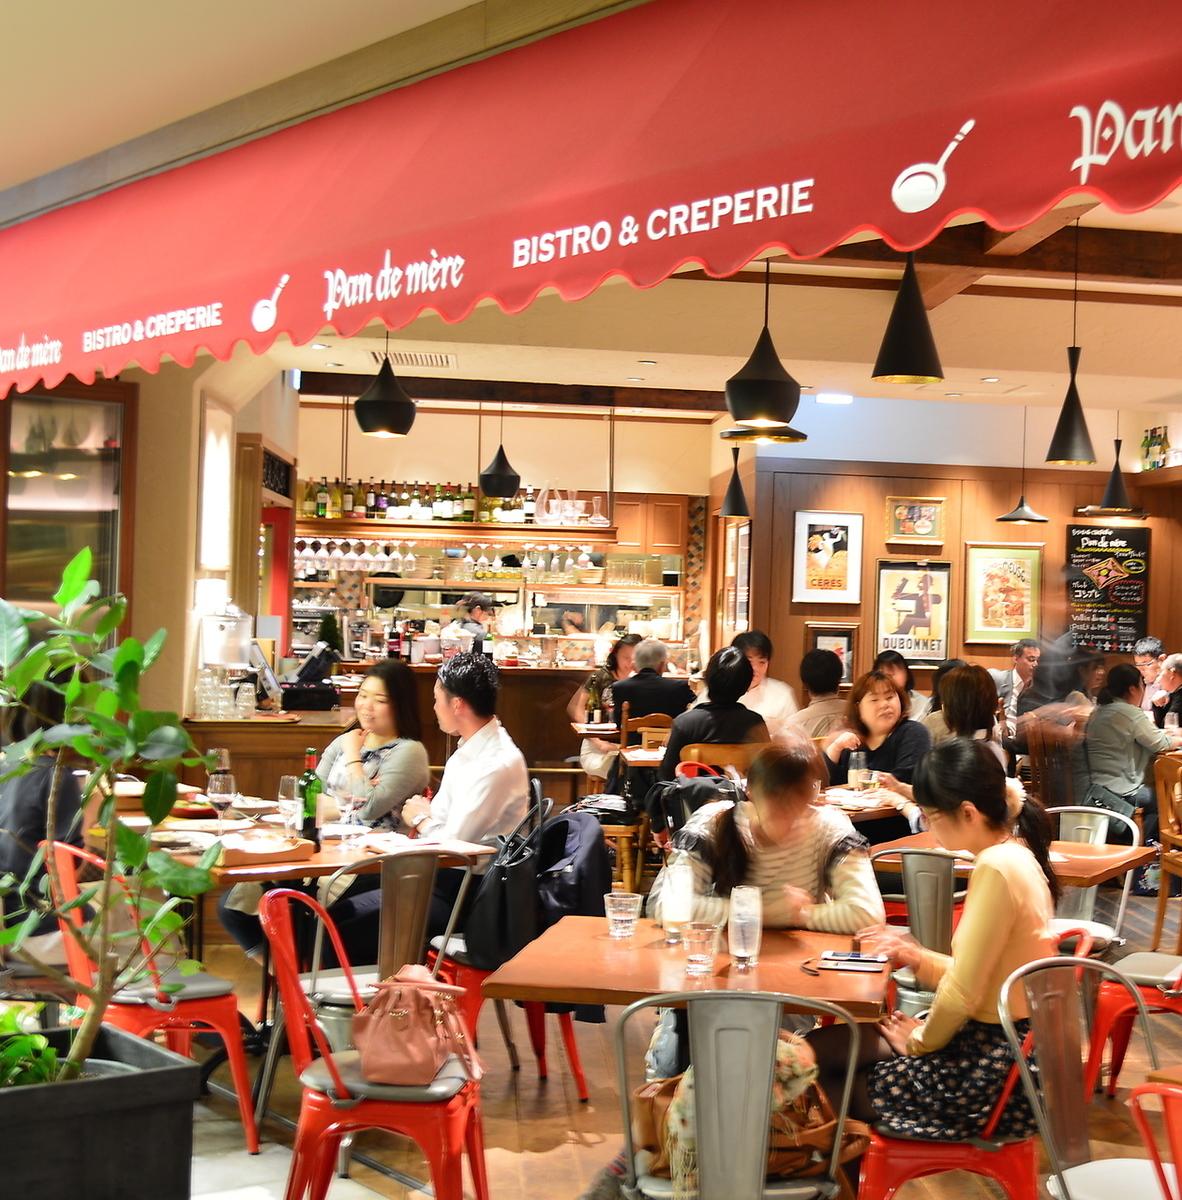 グランフロント大阪で人気のお店!!フランスの街角にあるようなビストロの雰囲気漂う一軒です。